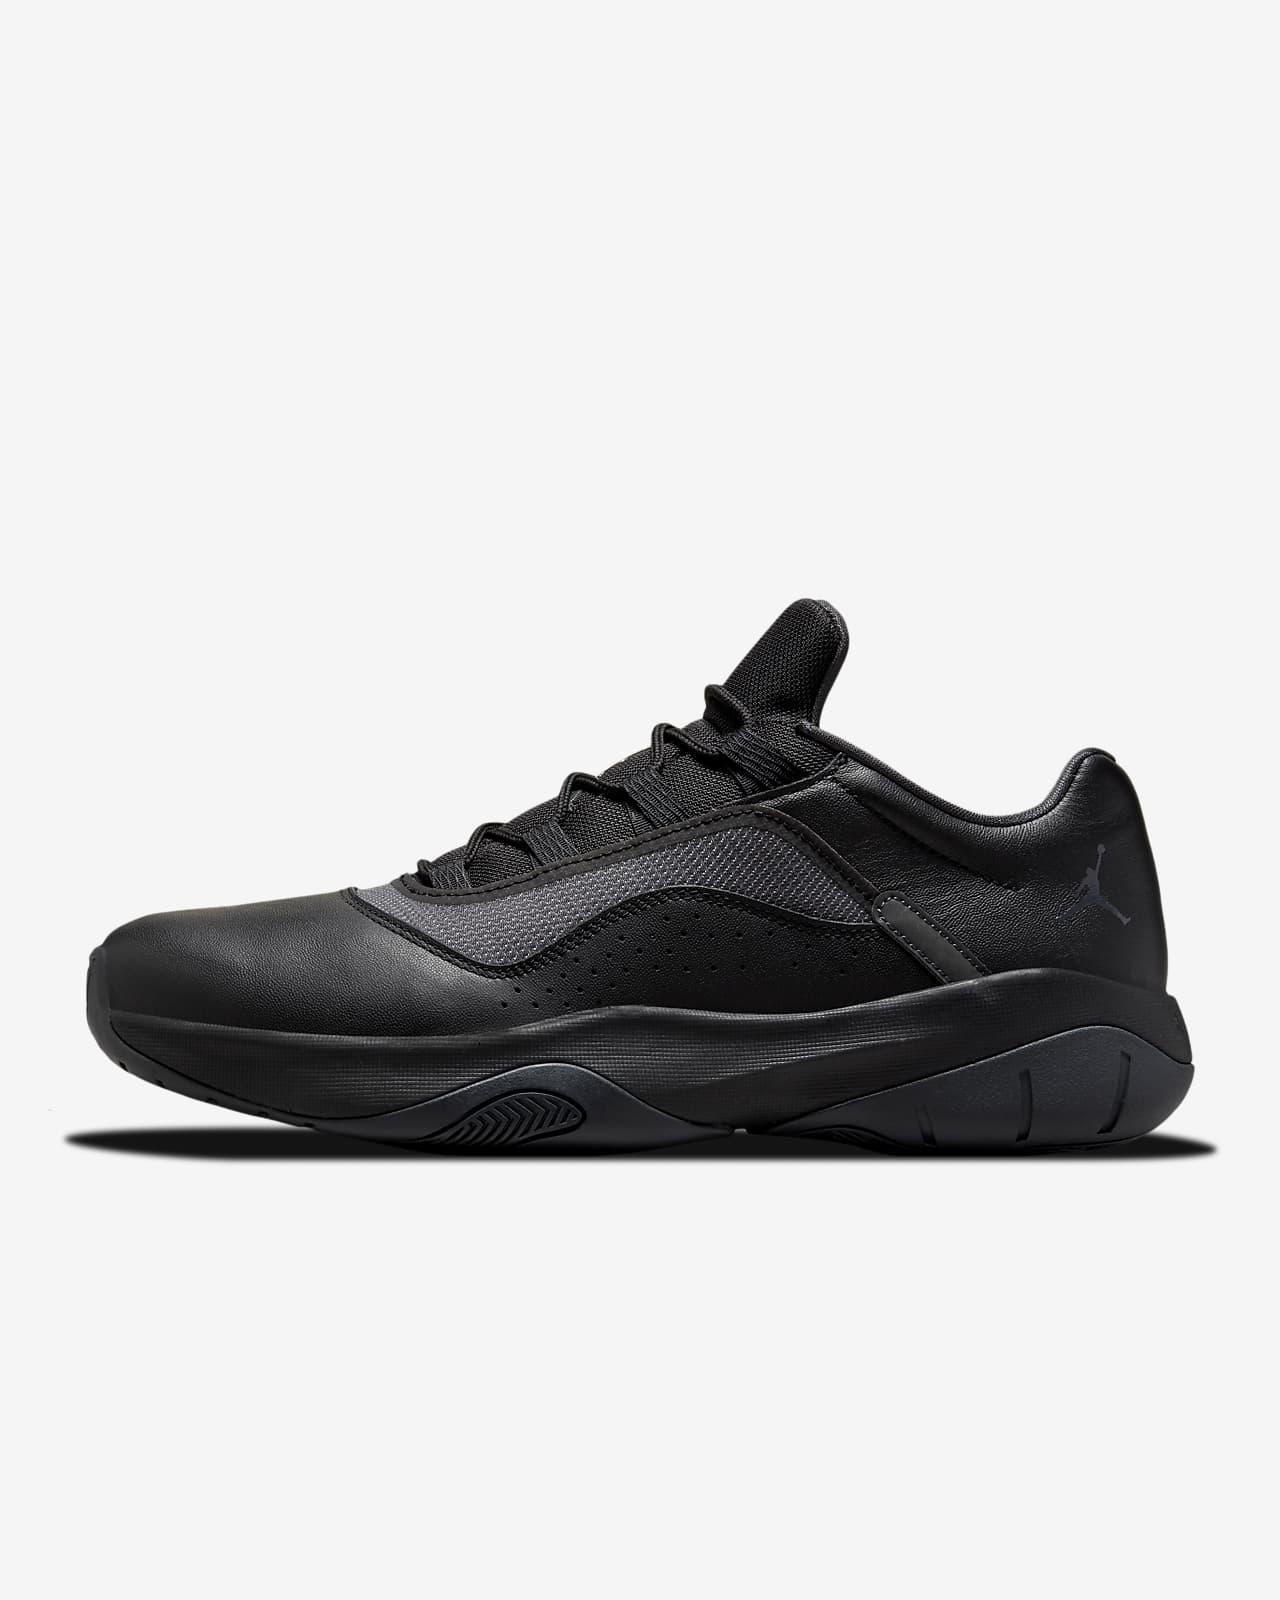 Ανδρικά παπούτσια Air Jordan 11 CMFT Low